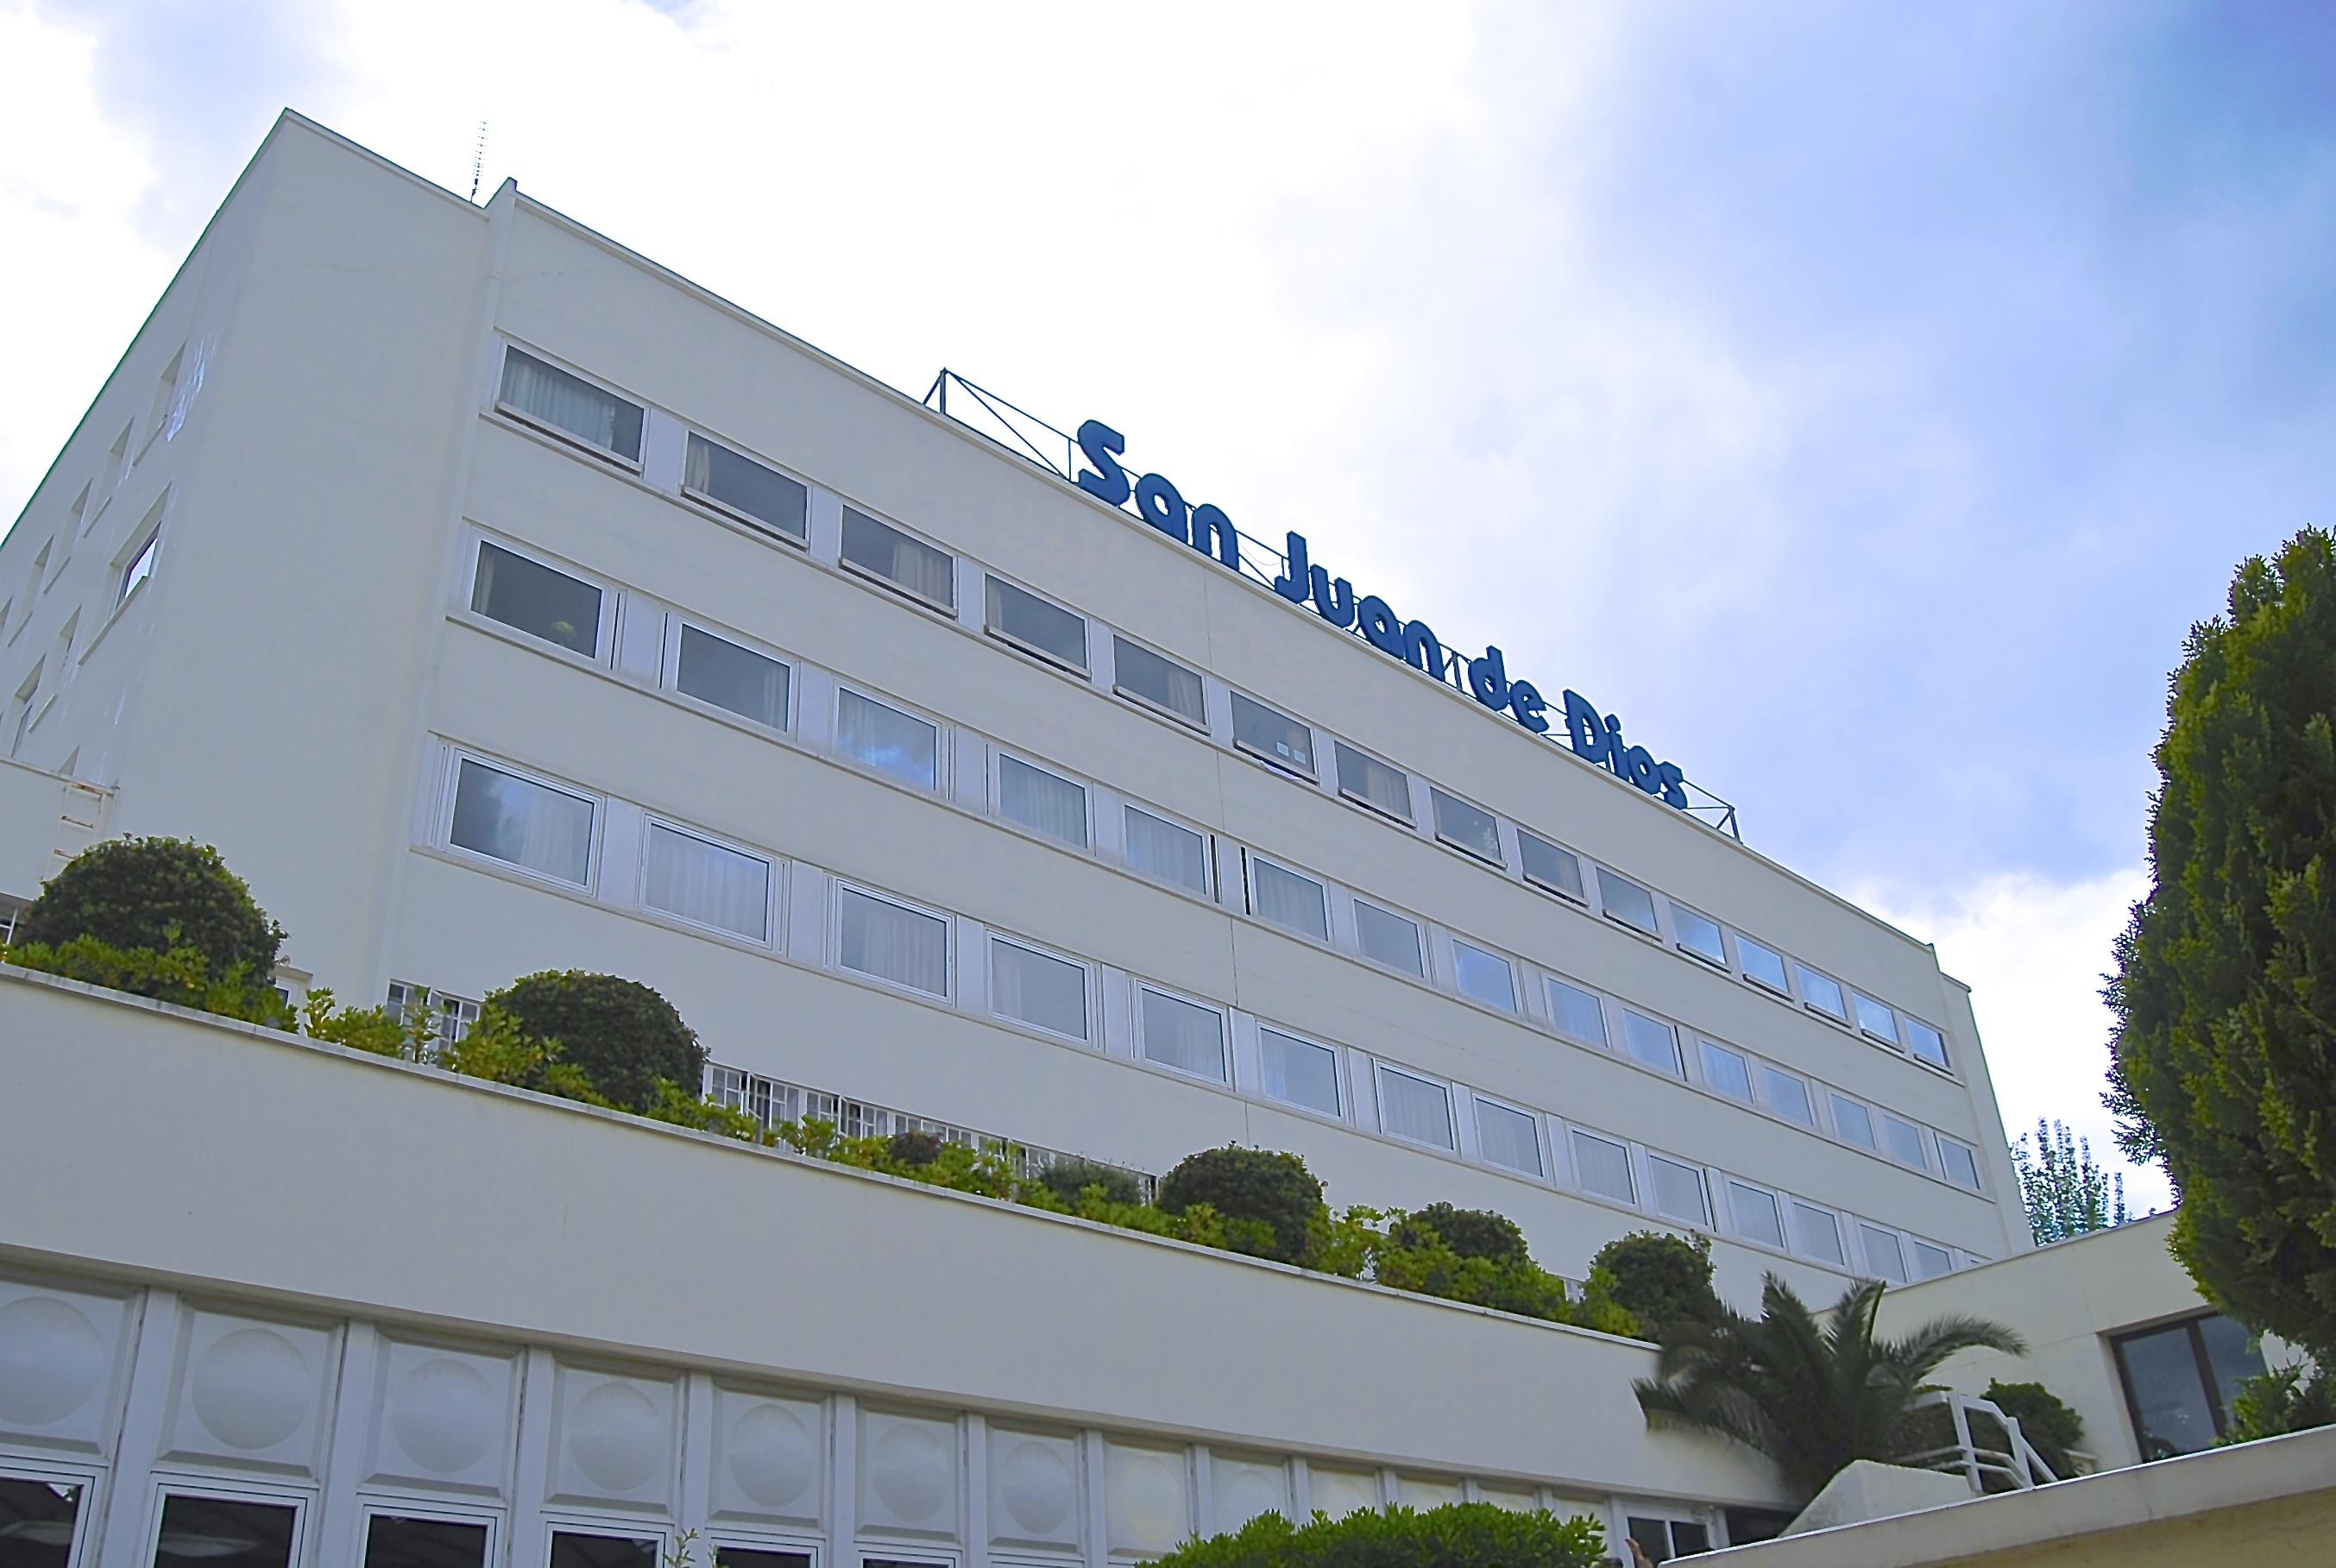 Cl nica nuestra sra de la paz clinica hospital - Hospital universitario de la paz ...